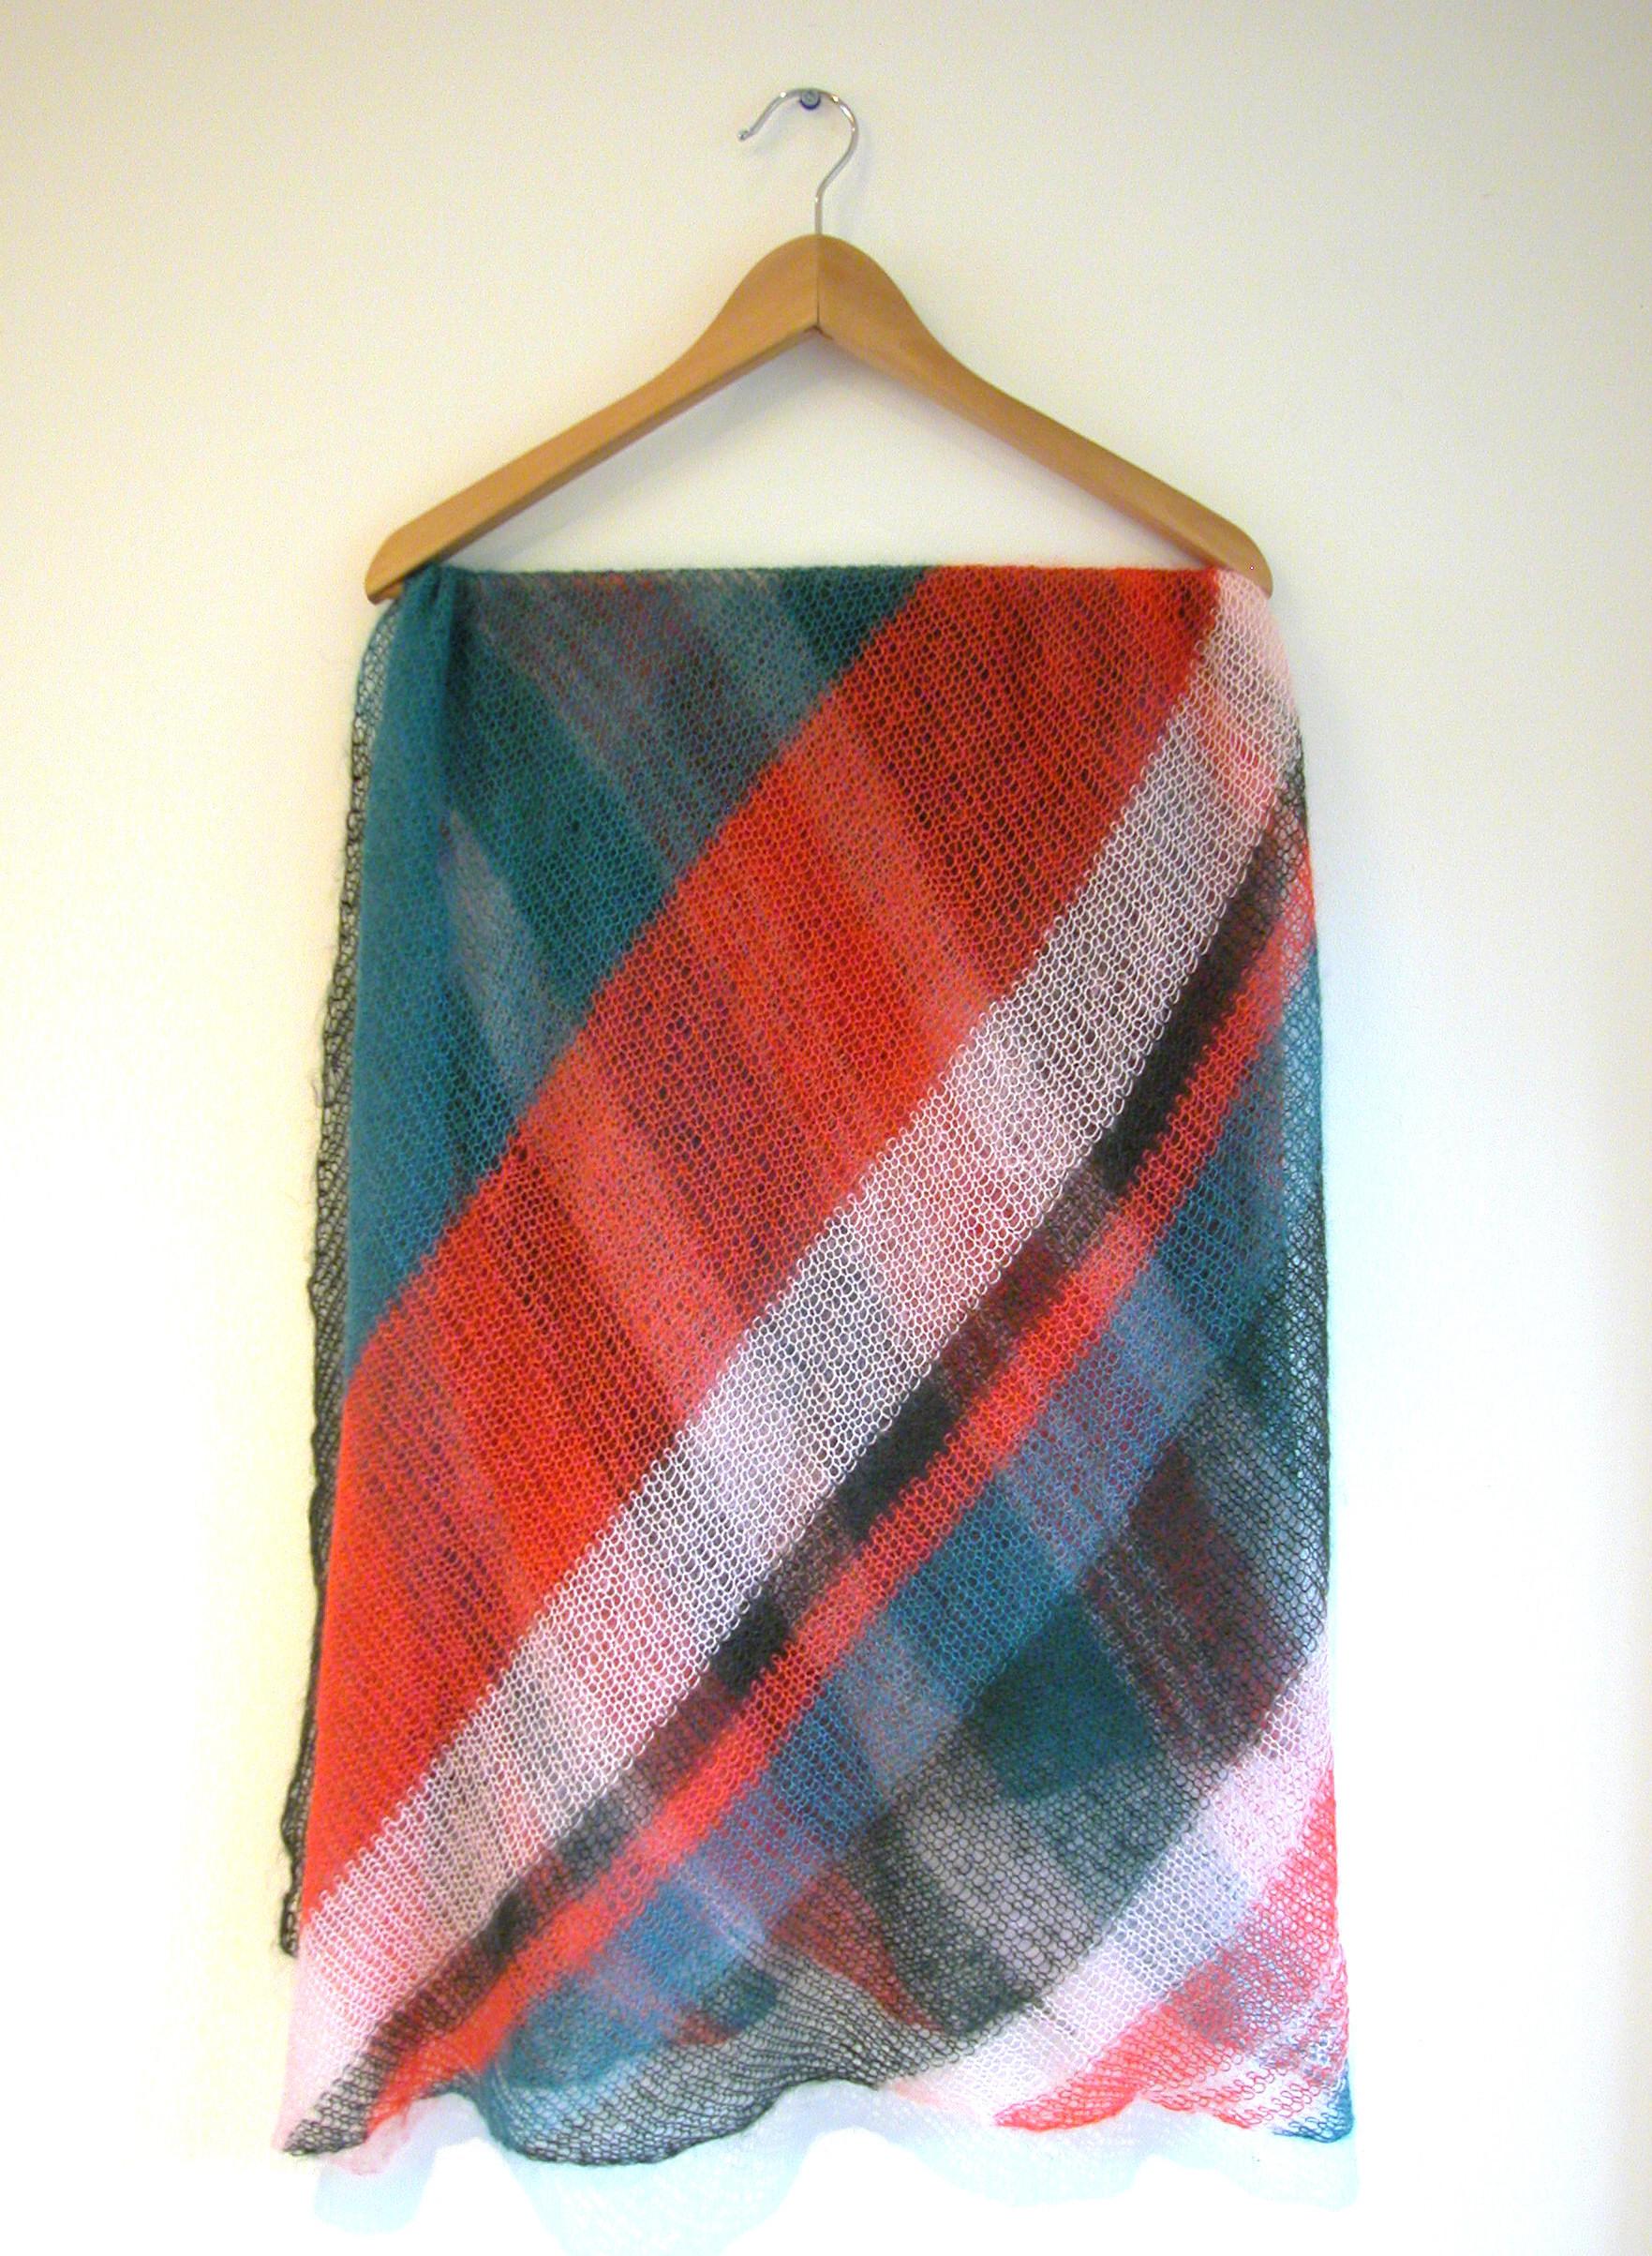 knitting patterns | the knit cafe